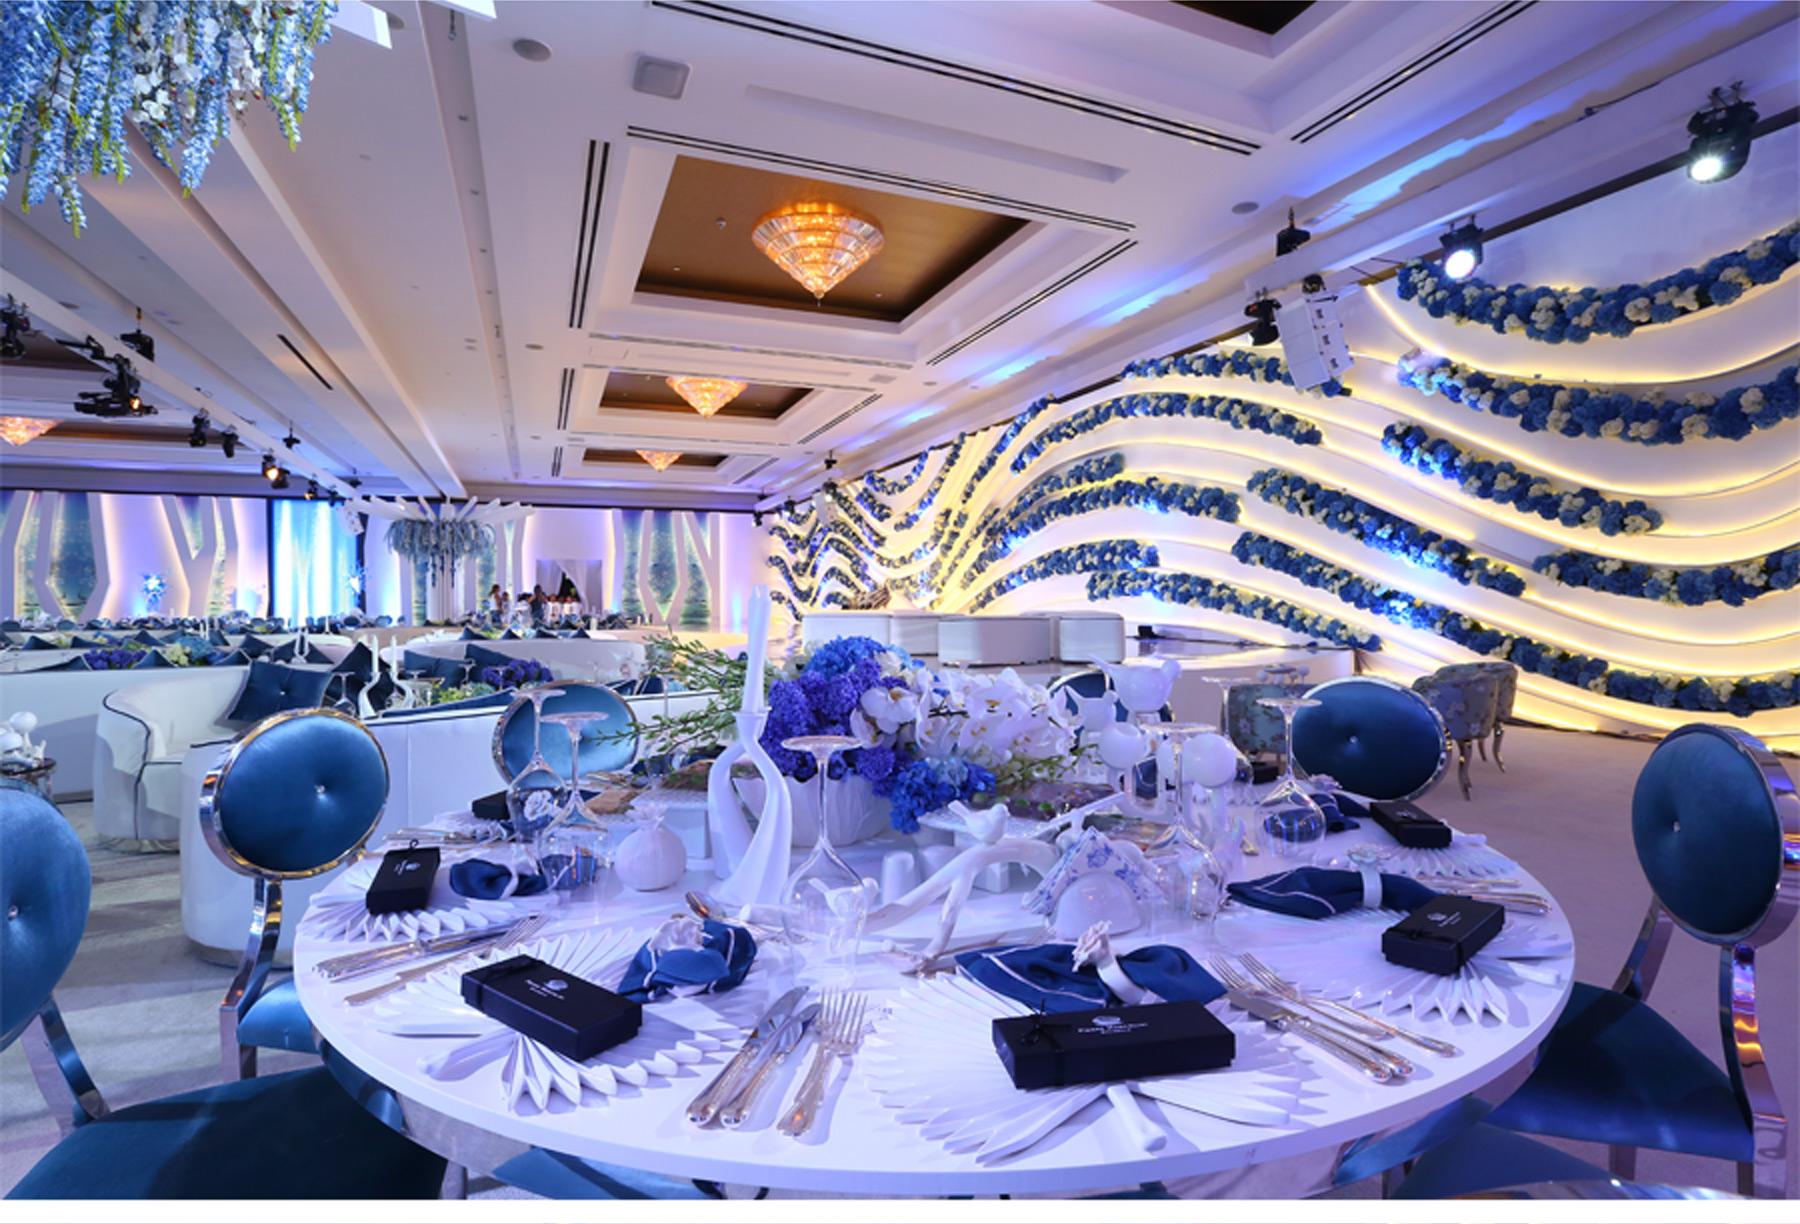 Ideal wedding decors photos ideal wedding decors photos junglespirit Images